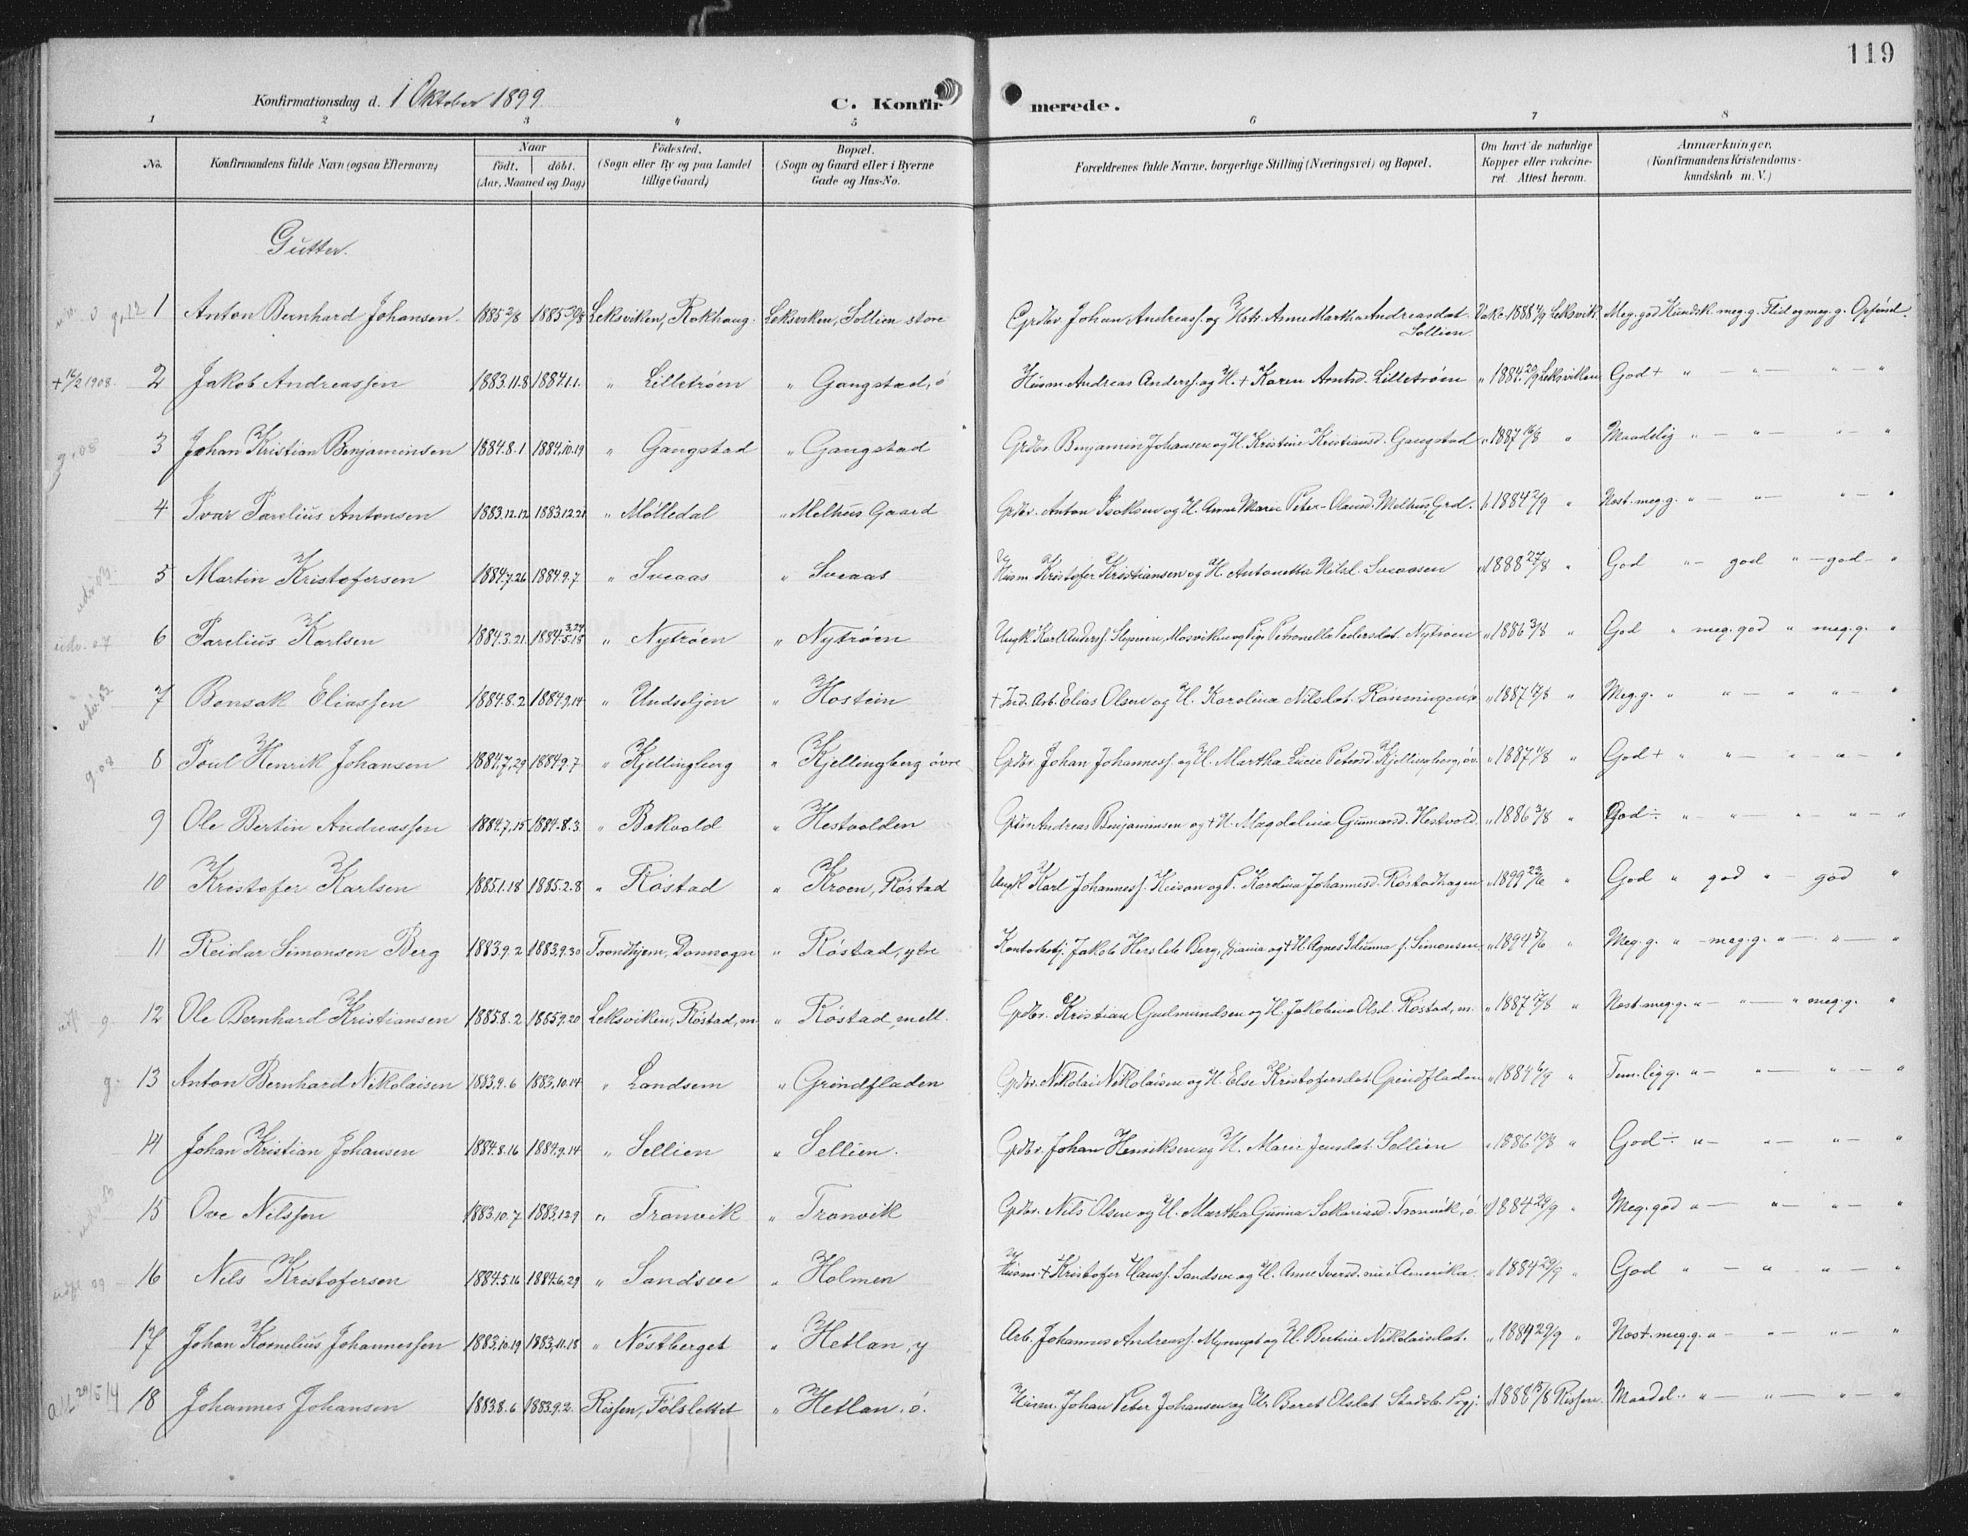 SAT, Ministerialprotokoller, klokkerbøker og fødselsregistre - Nord-Trøndelag, 701/L0011: Parish register (official) no. 701A11, 1899-1915, p. 119